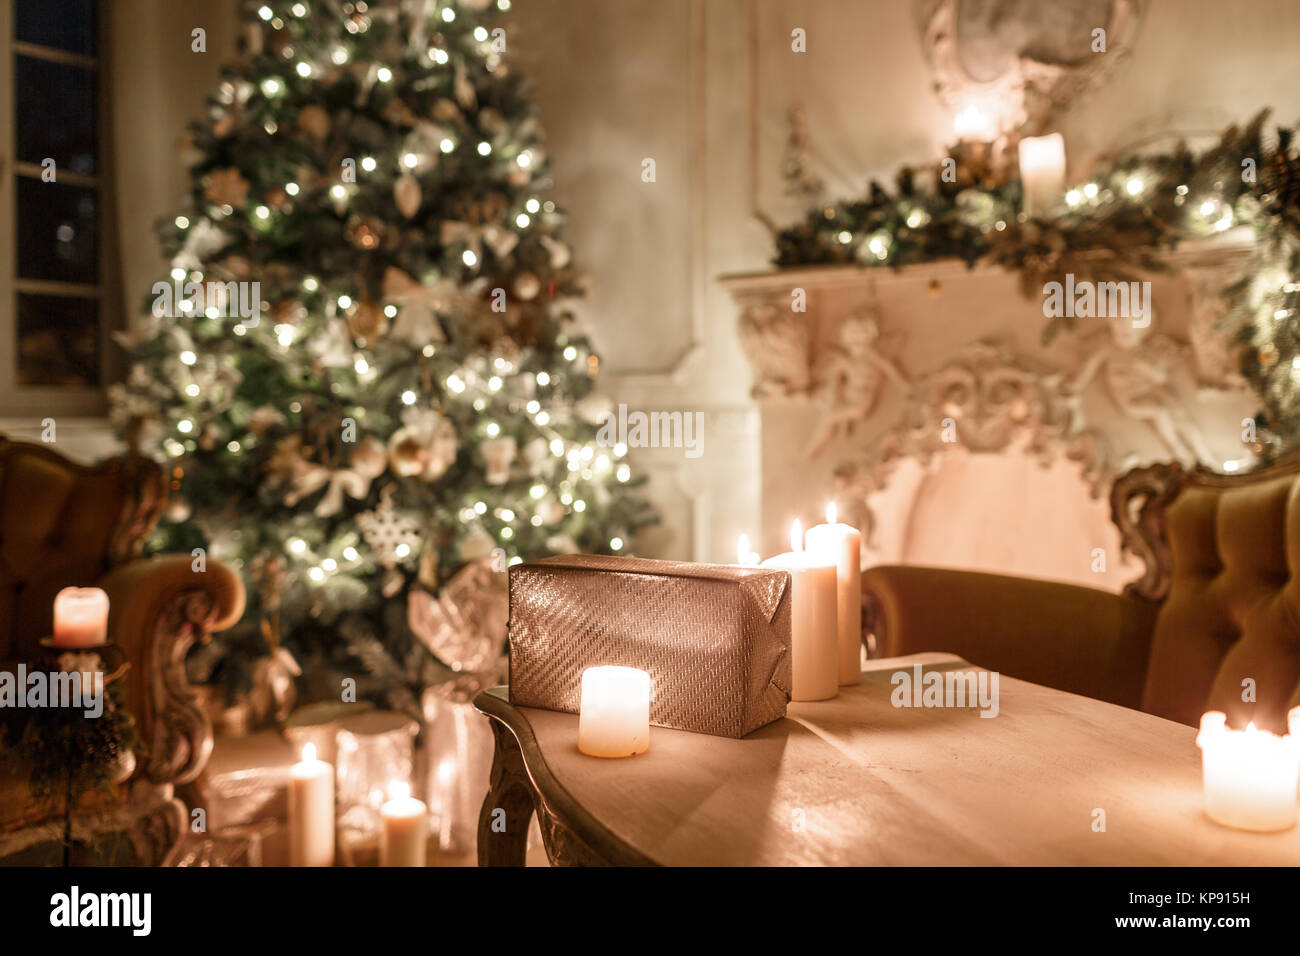 Die Geschenke auf dem Tisch. Weihnachten am Abend bei Kerzenschein ...